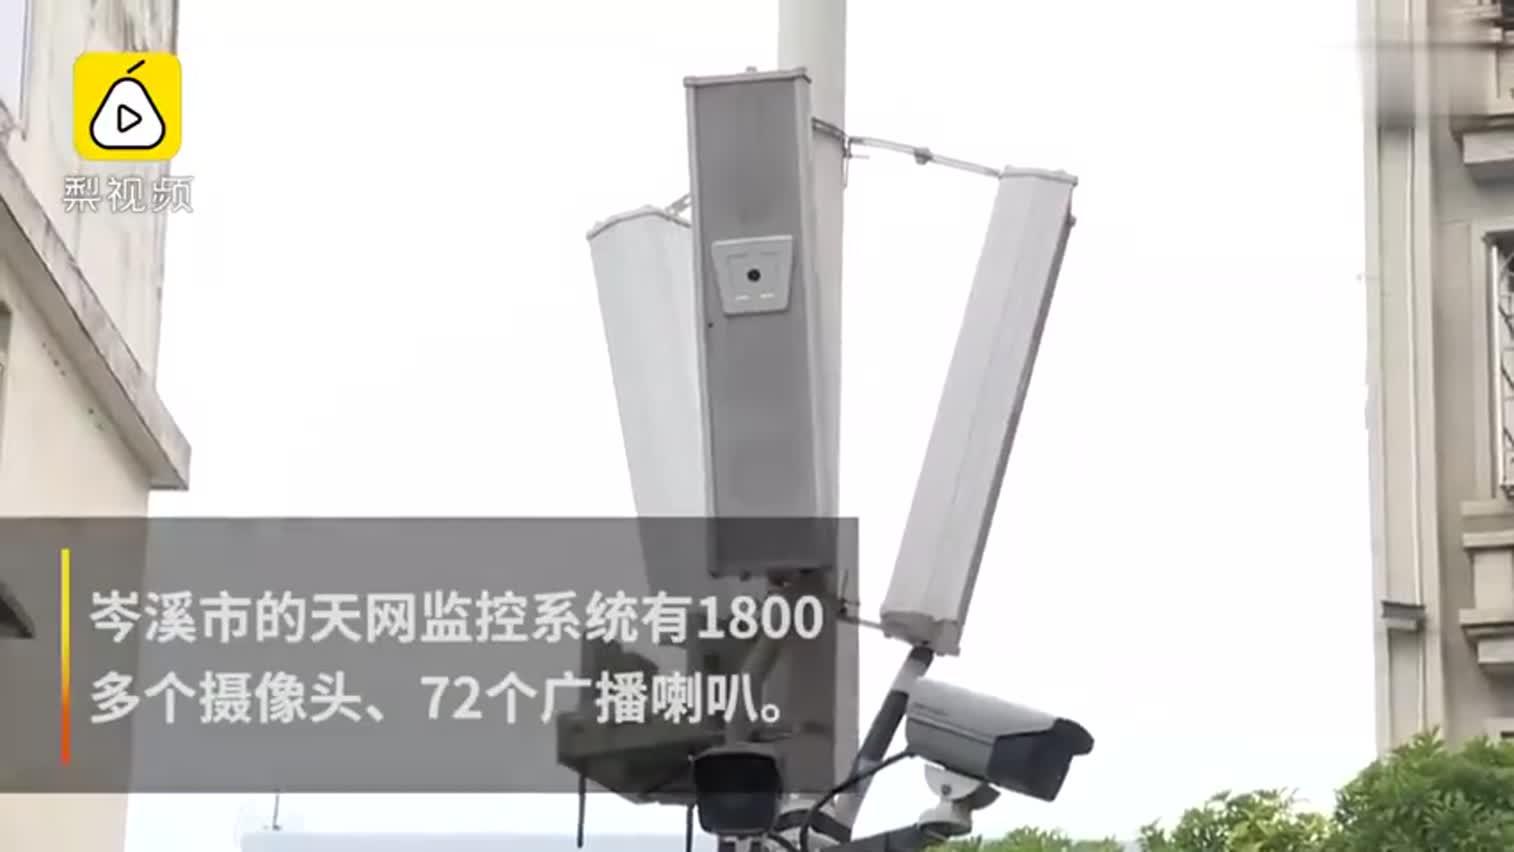 视频-警察用天网监控喊话戴口罩:小朋友戴上更帅